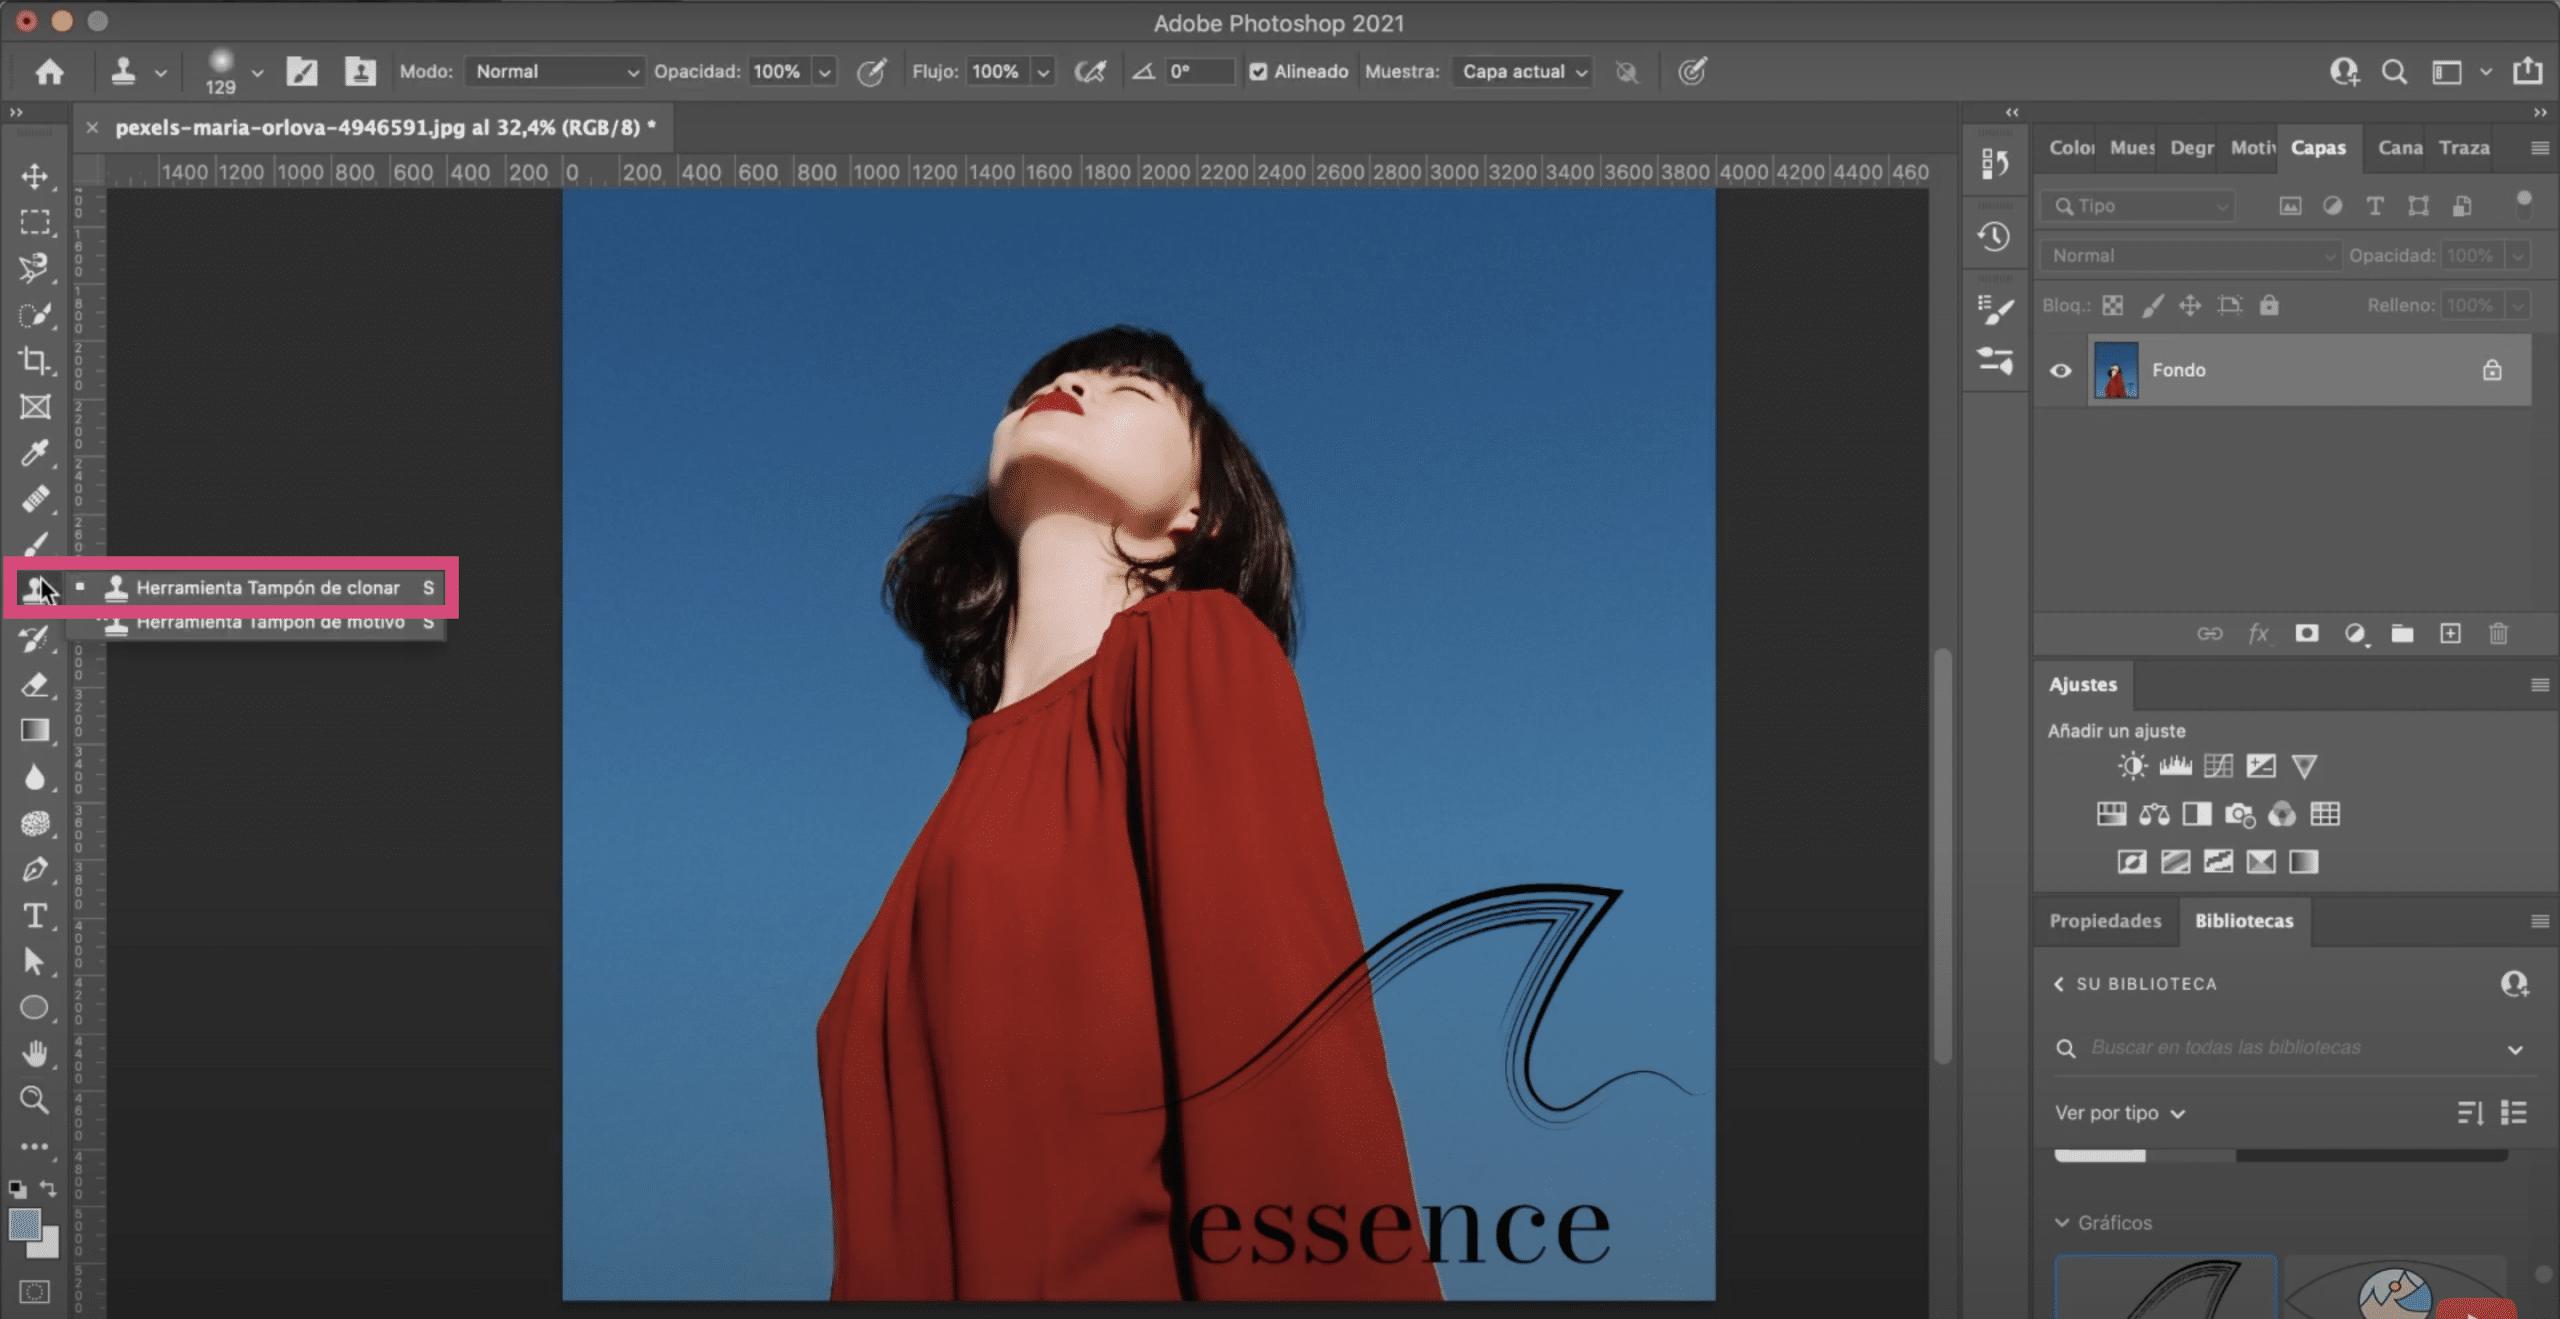 Localiza la herramienta tapón de clonar en photoshop